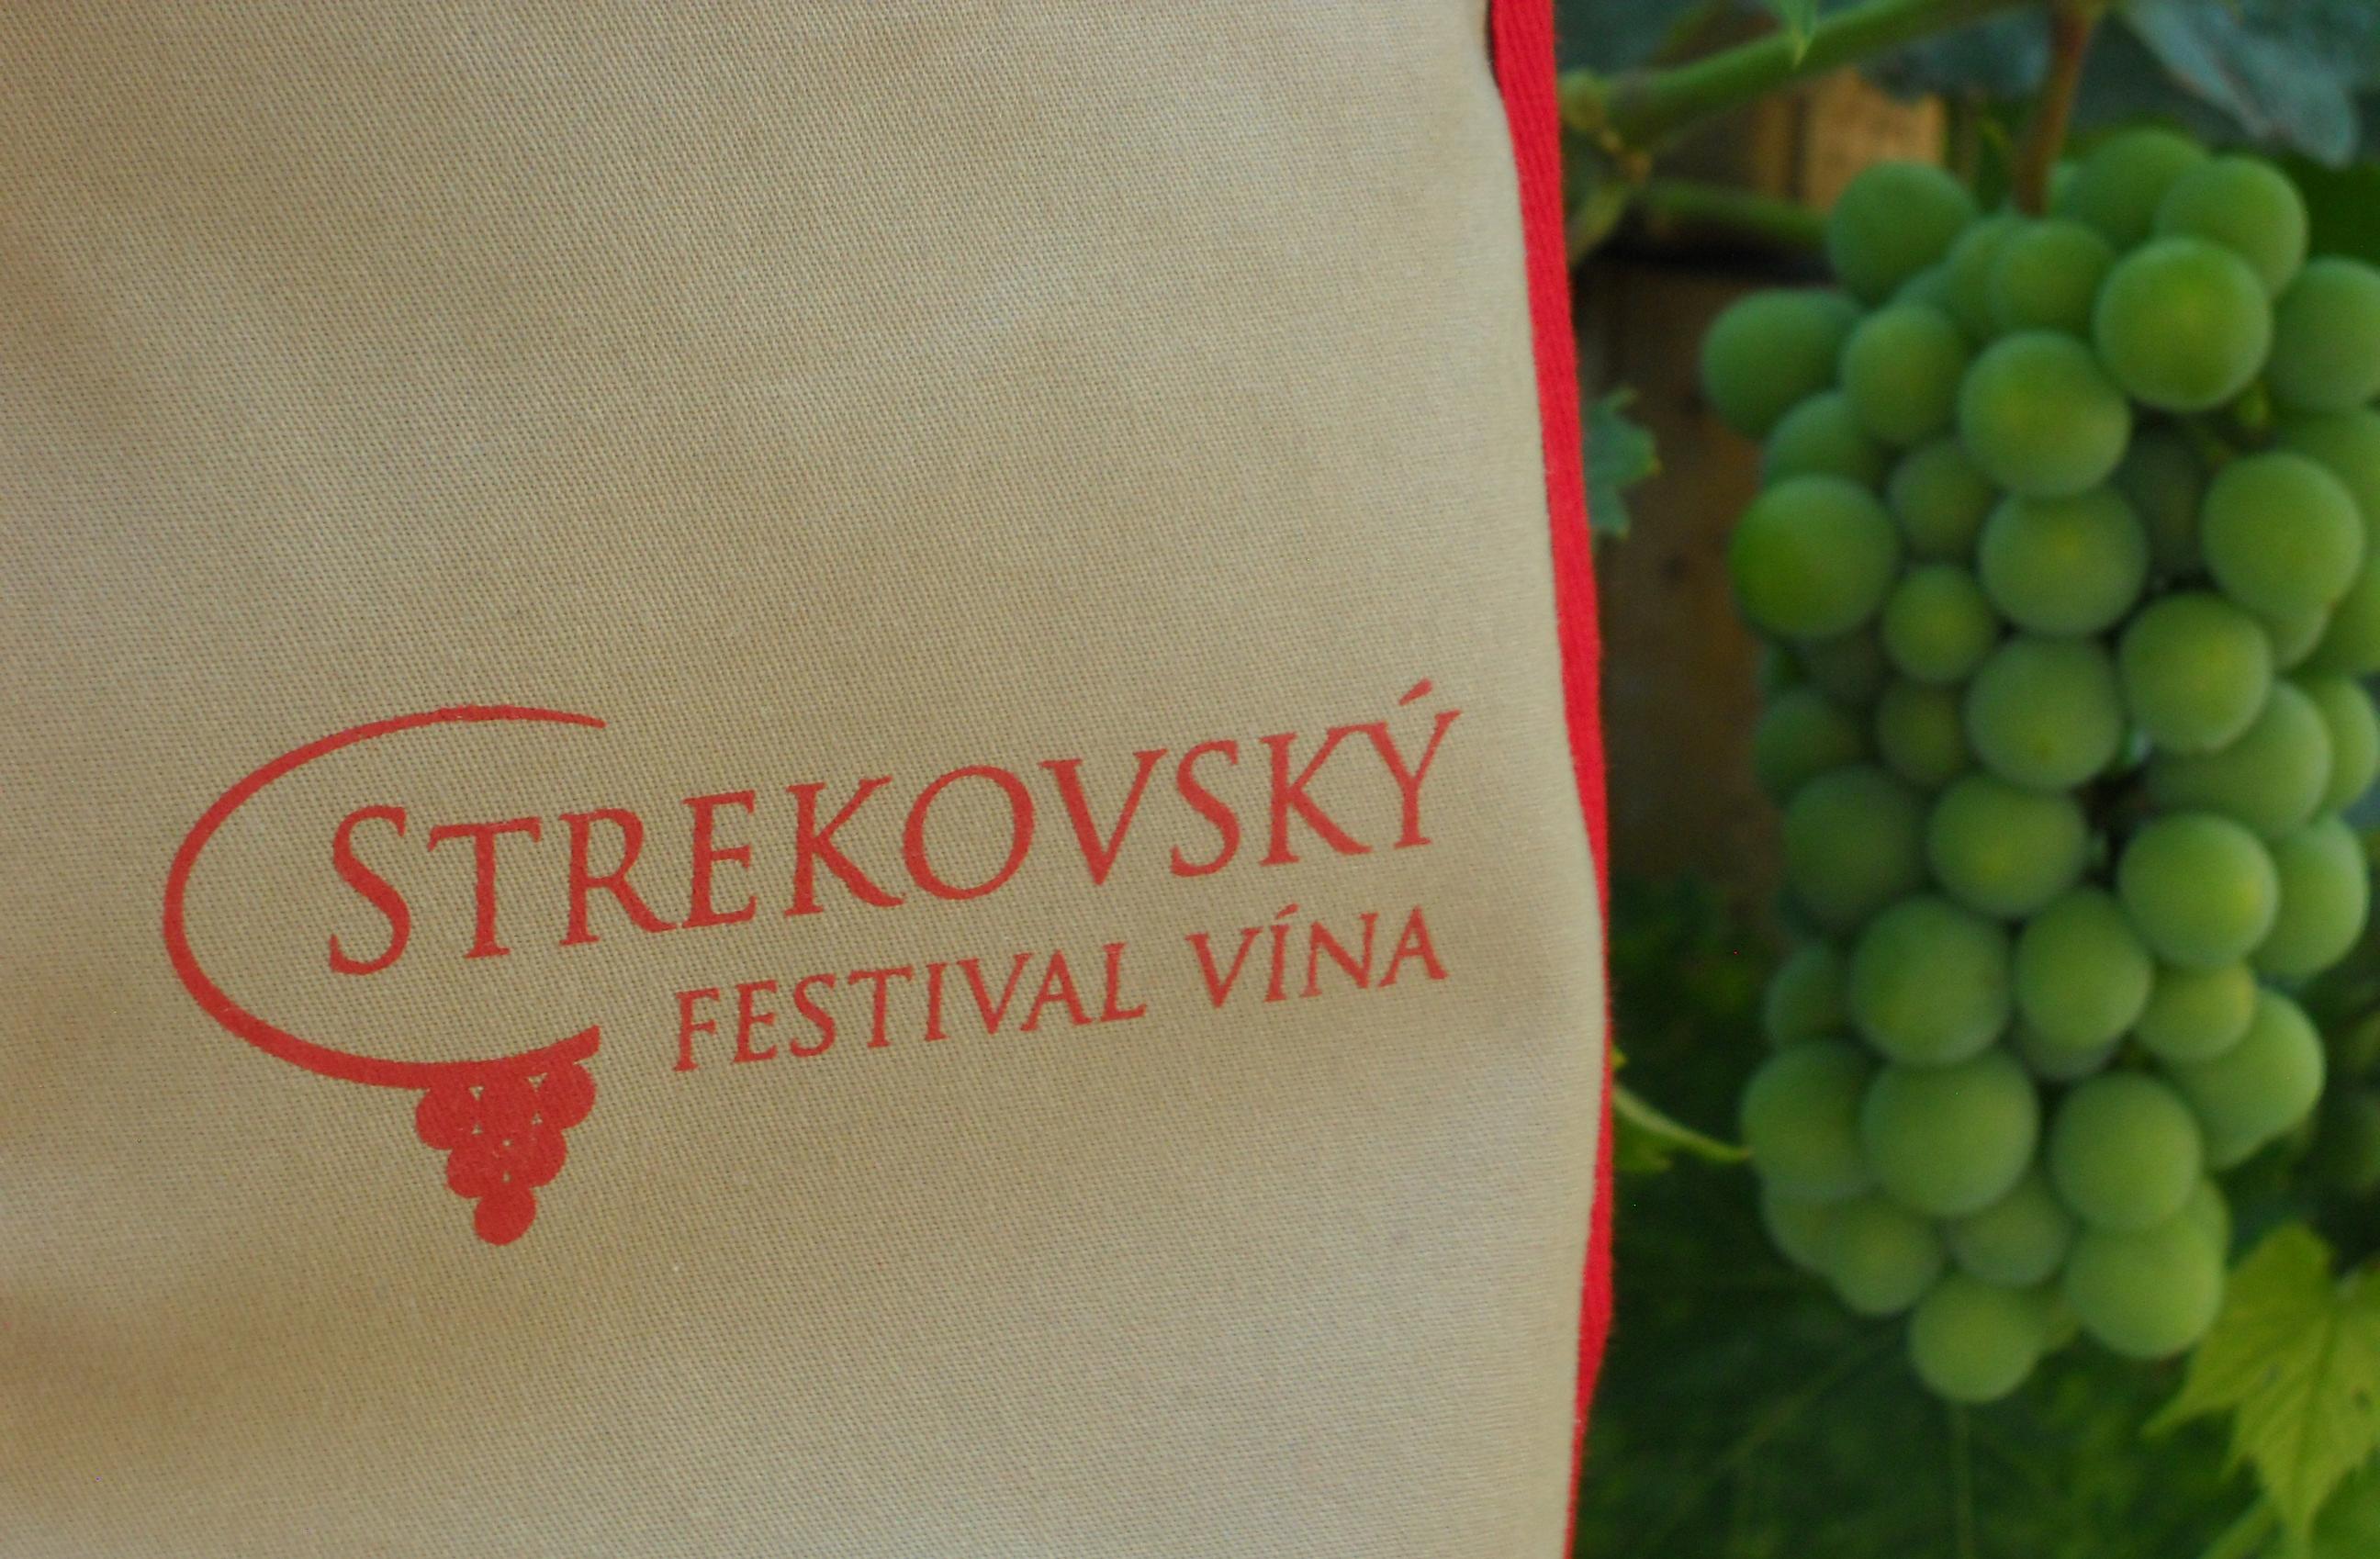 Strekovský festival vína